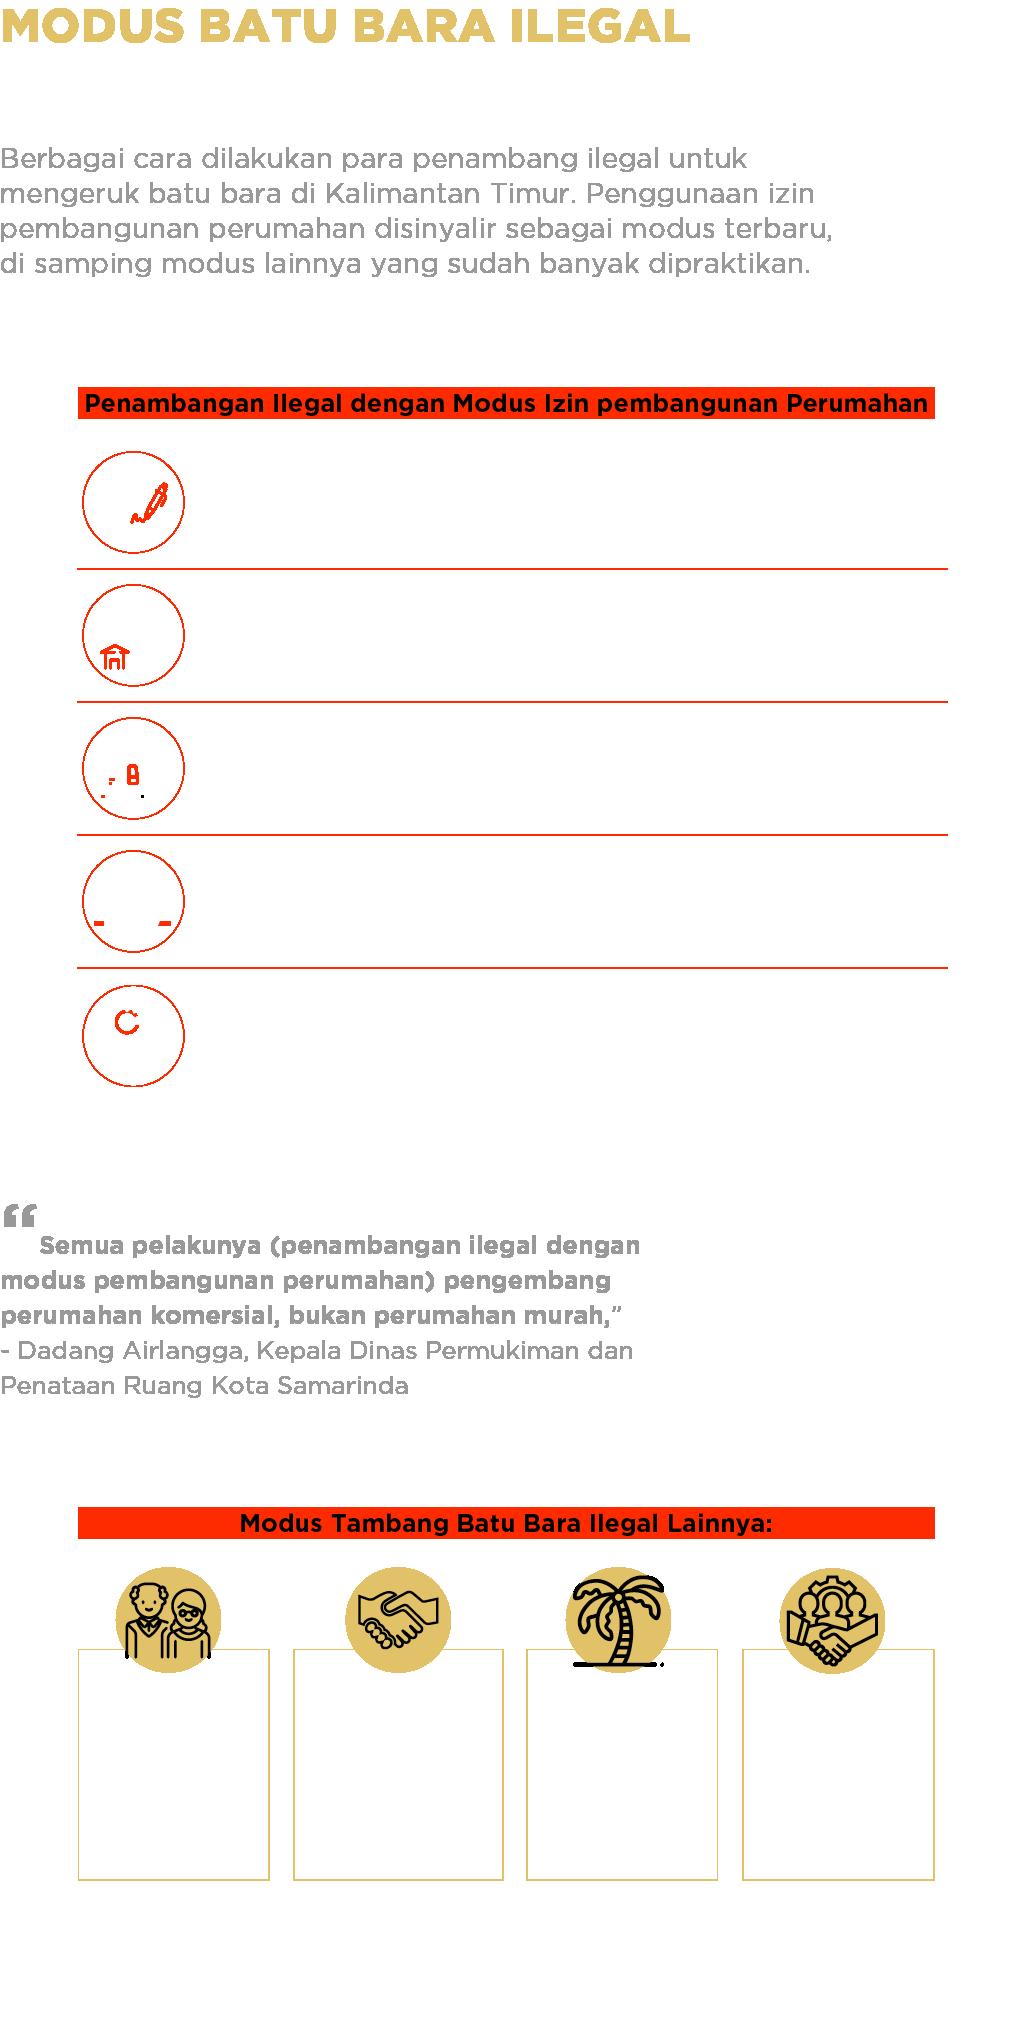 Grafik modus batu bara ilegal